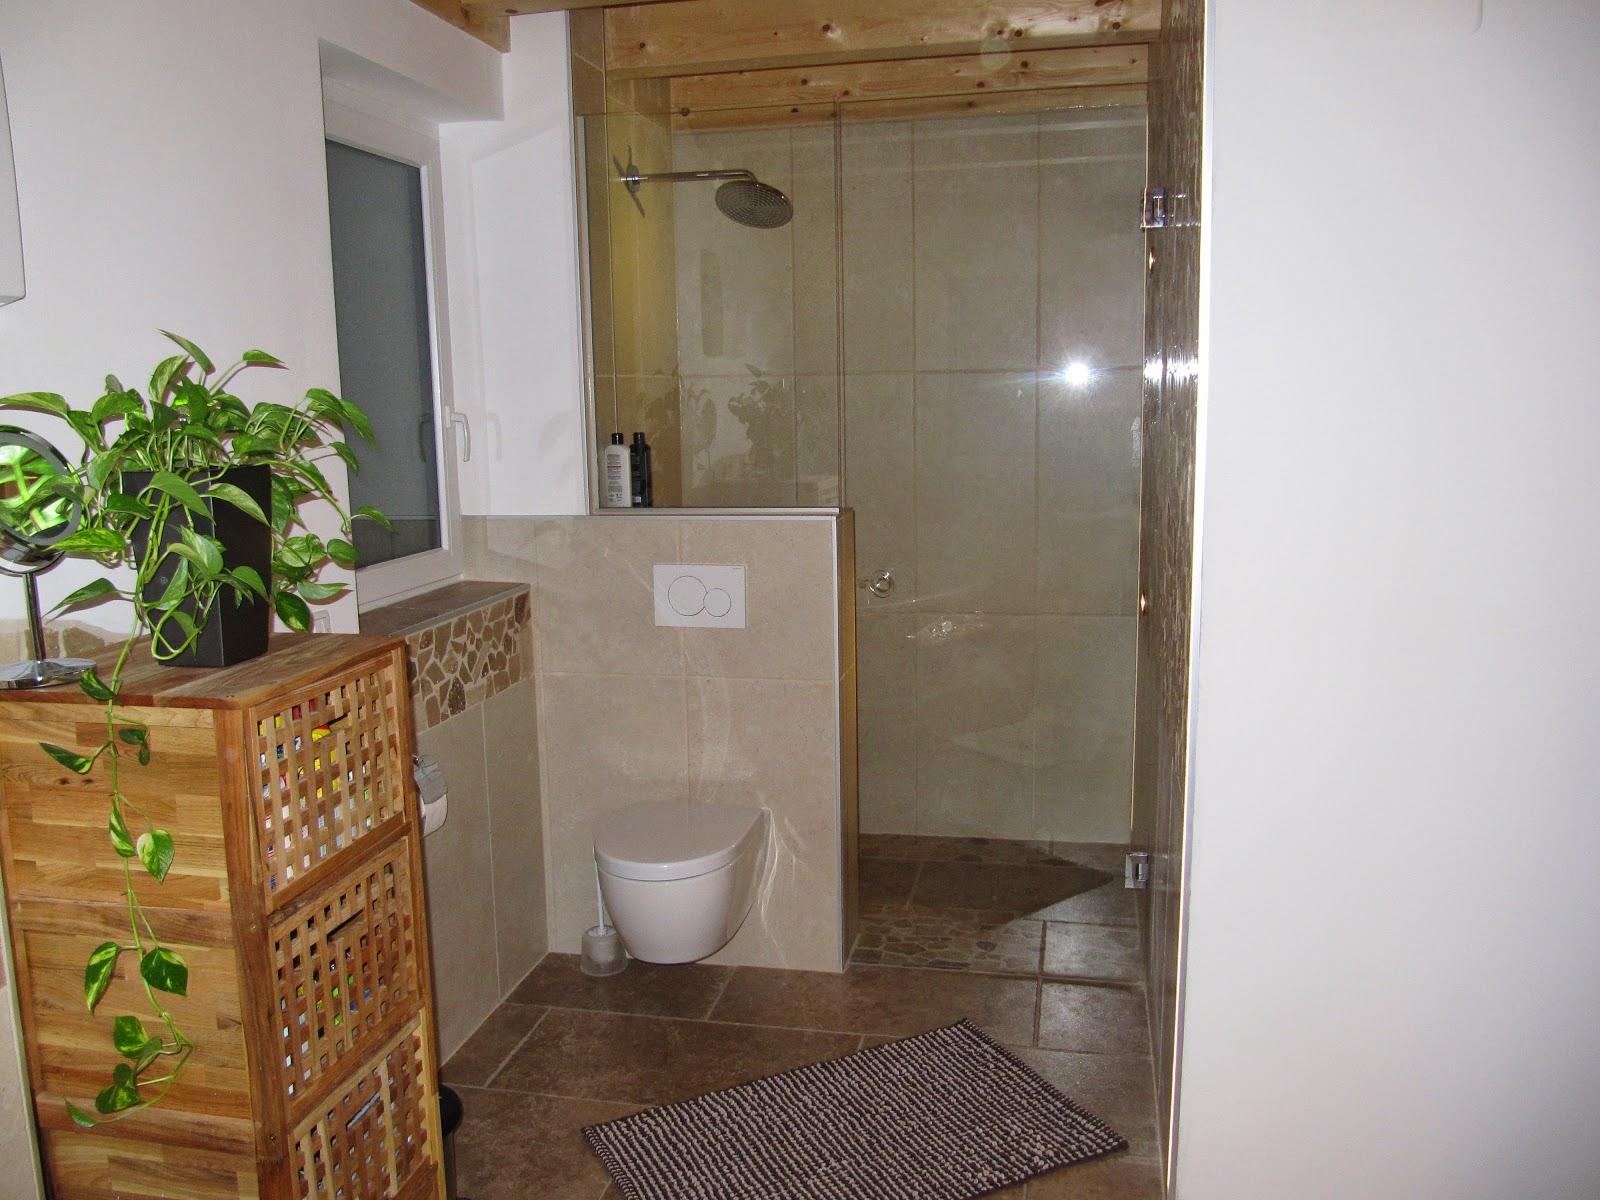 ein traum w chst badezimmer mit travertinmosaik. Black Bedroom Furniture Sets. Home Design Ideas